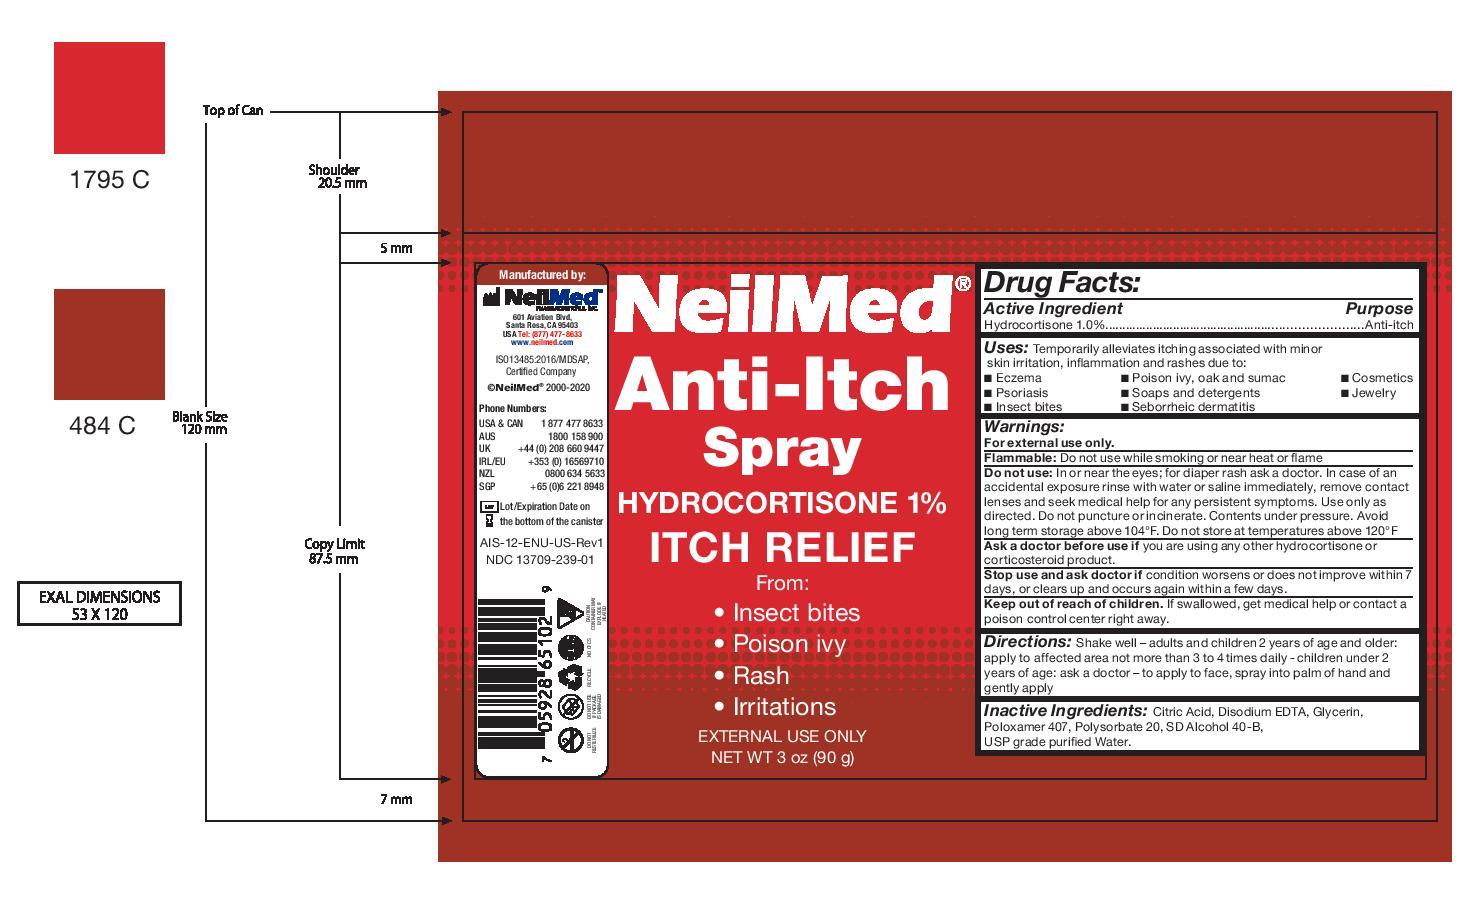 NeilMed Anti-Itch Spray